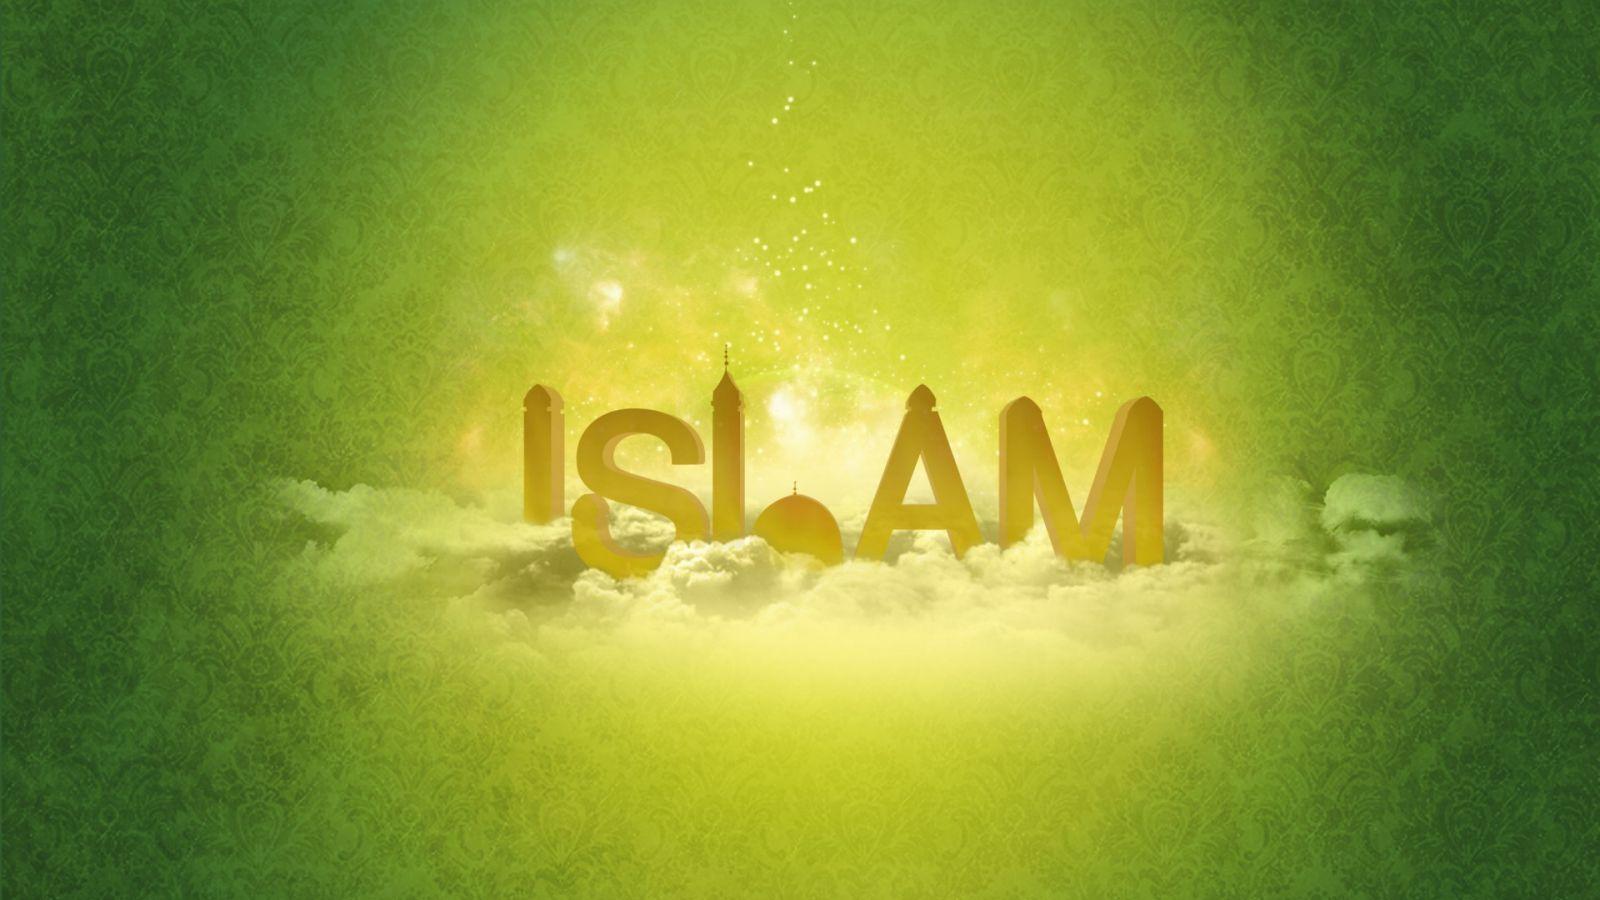 इस्लाम र आचरण